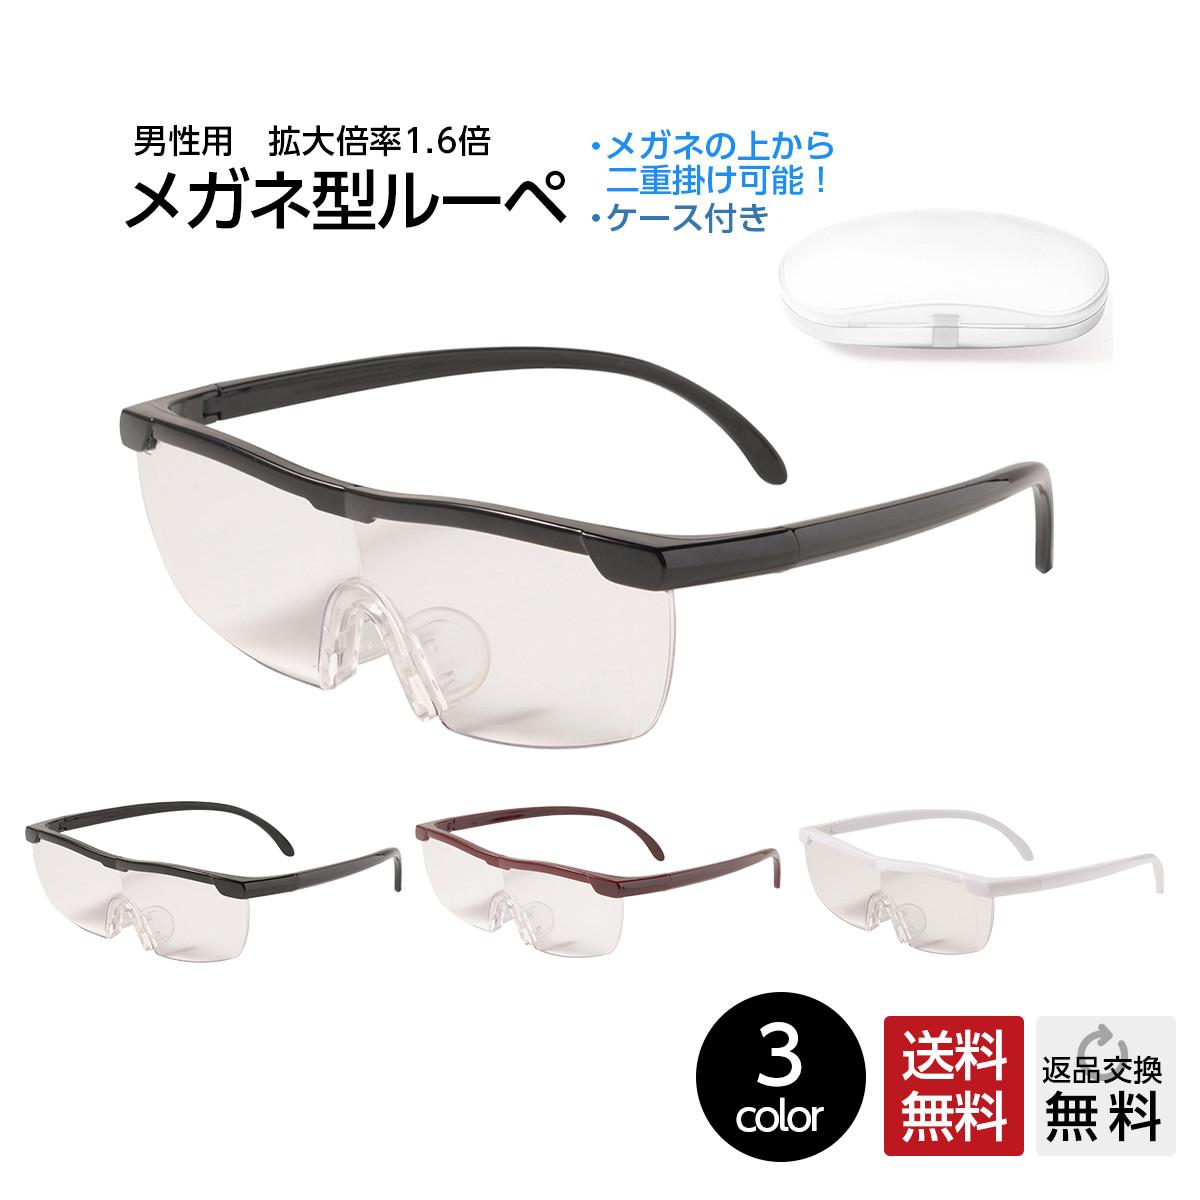 【送料無料・返品無料・交換無料】 メンズ レディース 両手が使えるルーペ 新聞や裁縫など細かい作業に最適 メガネ型ルーペ 拡大鏡 1.6倍 老眼鏡やメガネの上から使用可 メガネルーペ シニアグラス 拡大鏡 男性用 女性用 収納ケース付き 全3色